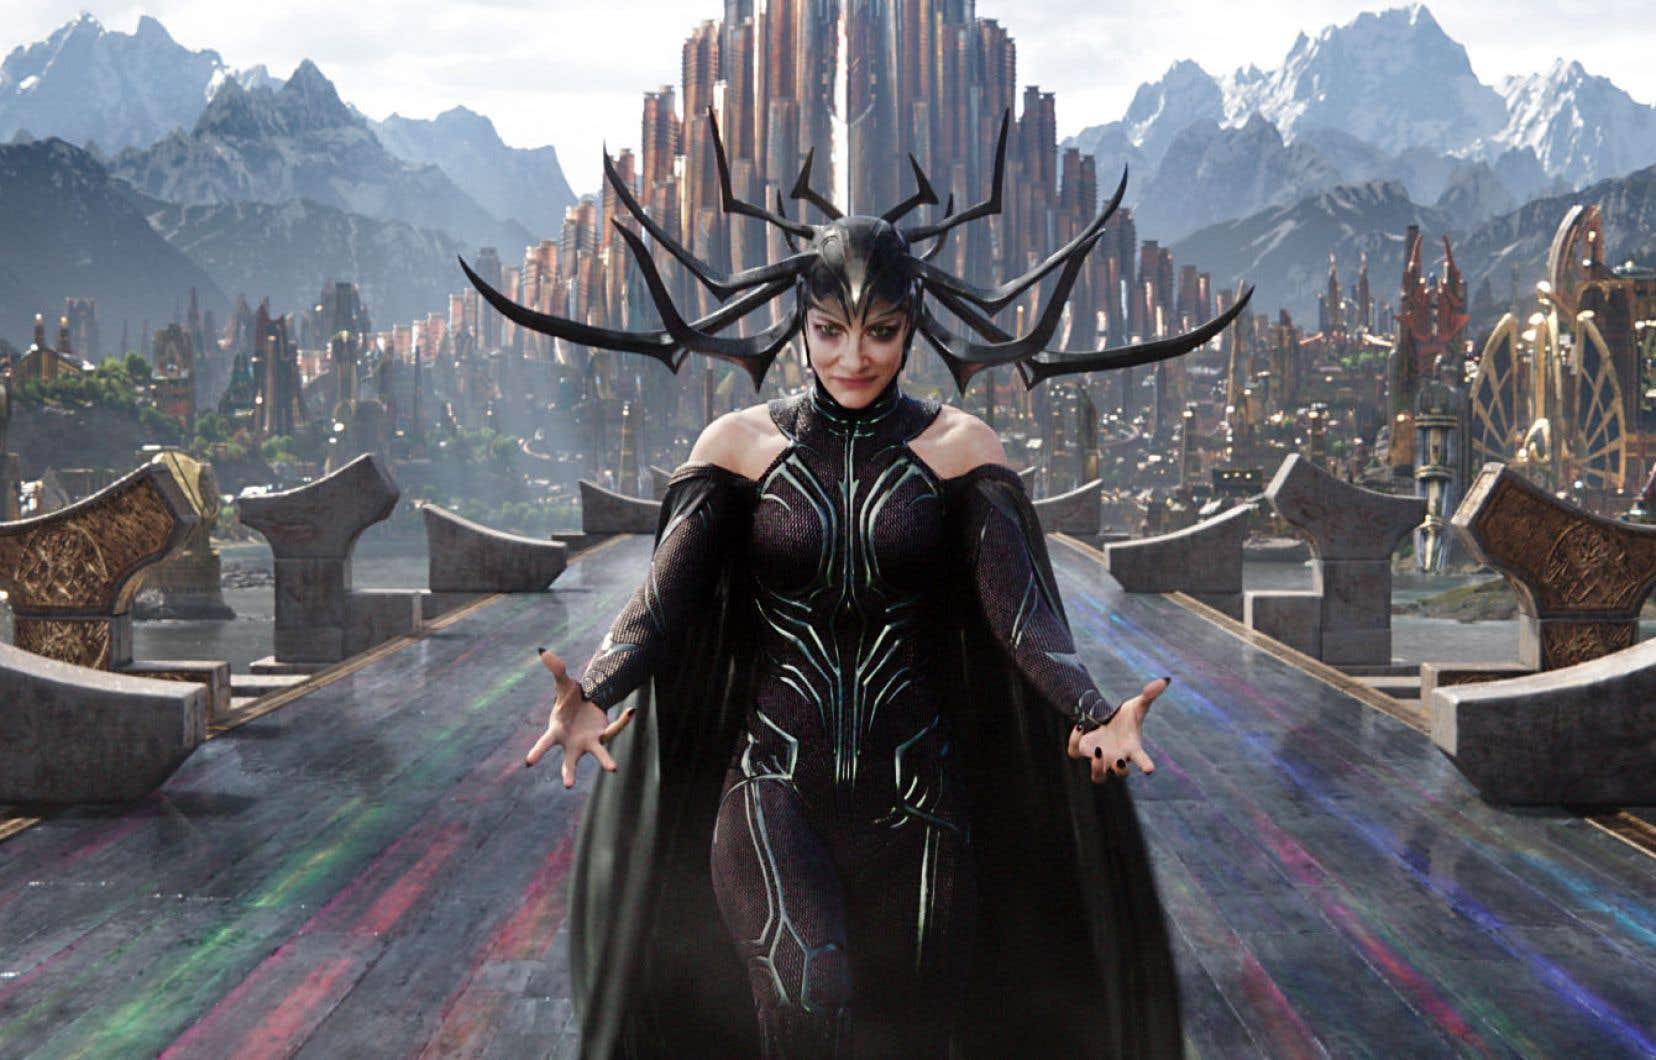 Hela (Cate Blanchett, hystérique croisement entre Catwoman et Méduse) est la déesse de la Mort à qui le trône d'Asgard revient.